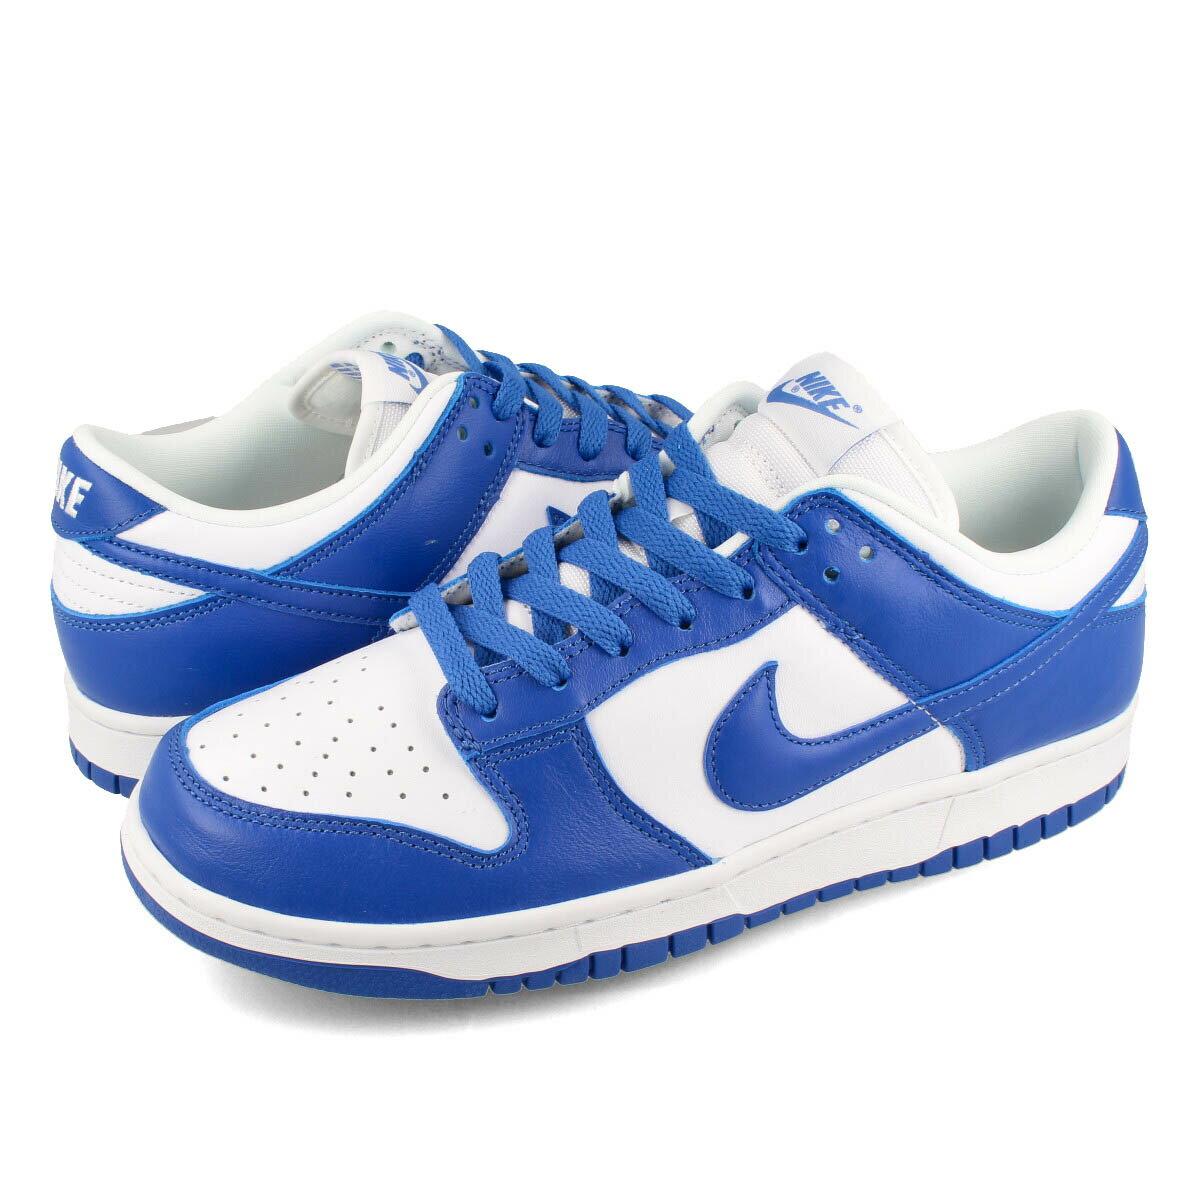 メンズ靴, スニーカー NIKE DUNK LOW SP KENTUCKY SP WHITEVARSITY ROYAL cu1726-100